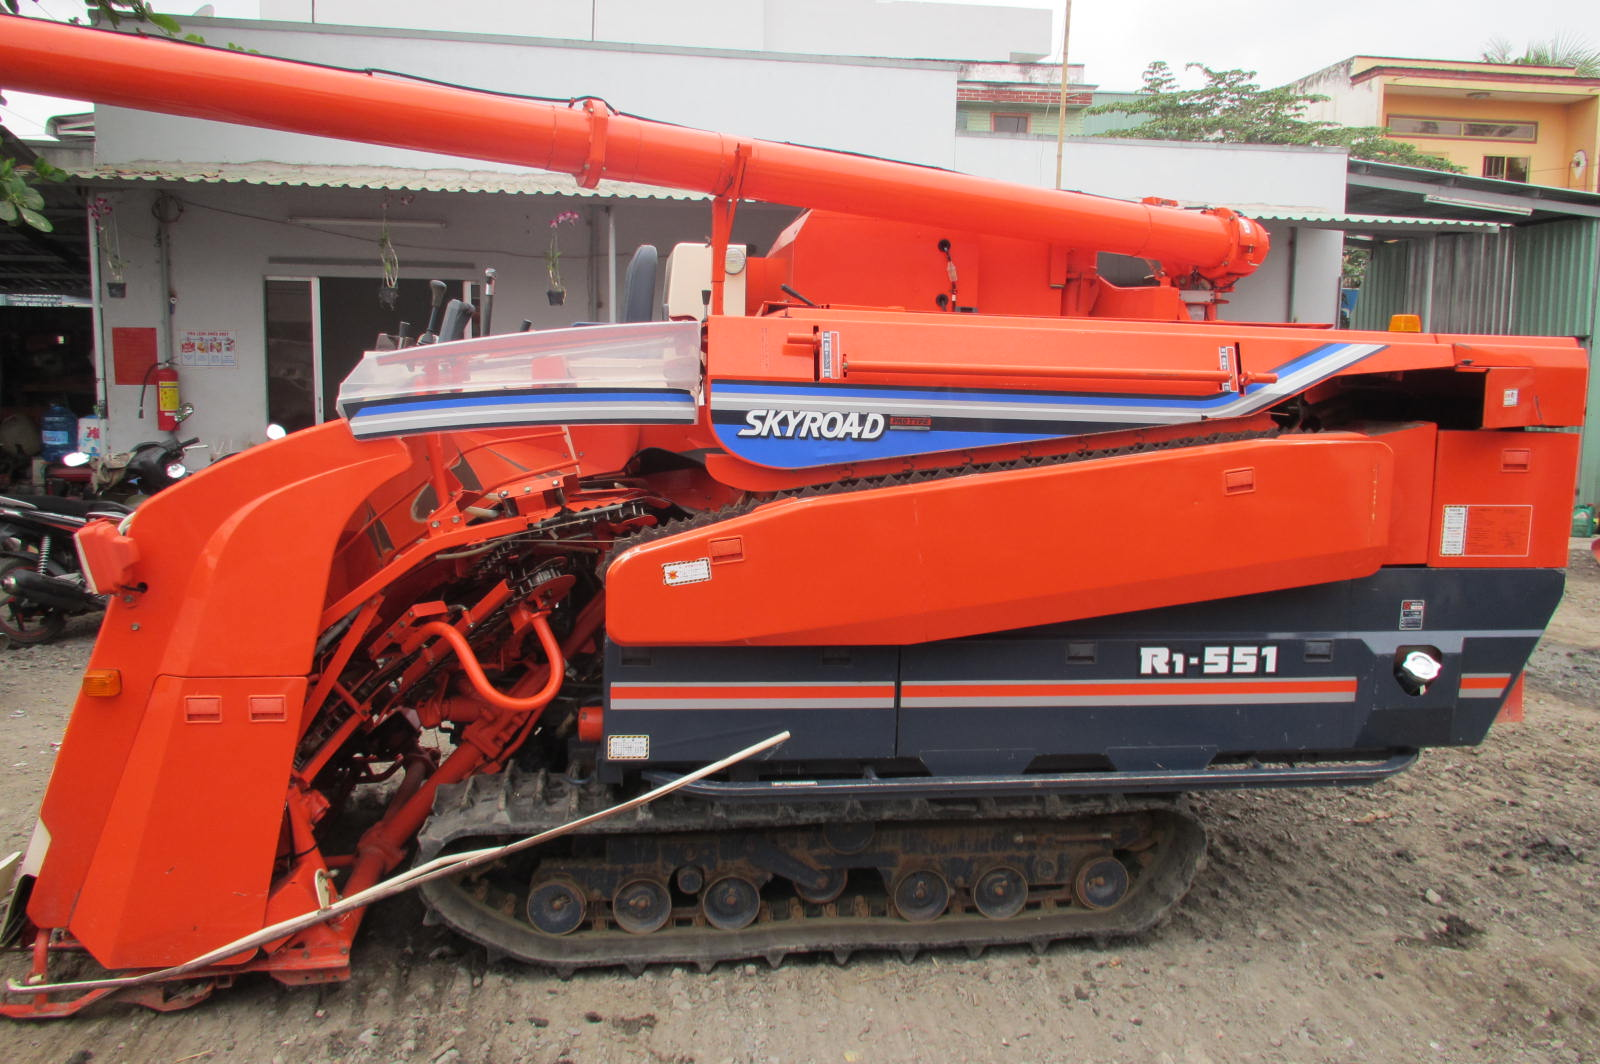 Máy gặt đập liên hợp Kubota R1-551 hinh anh 1